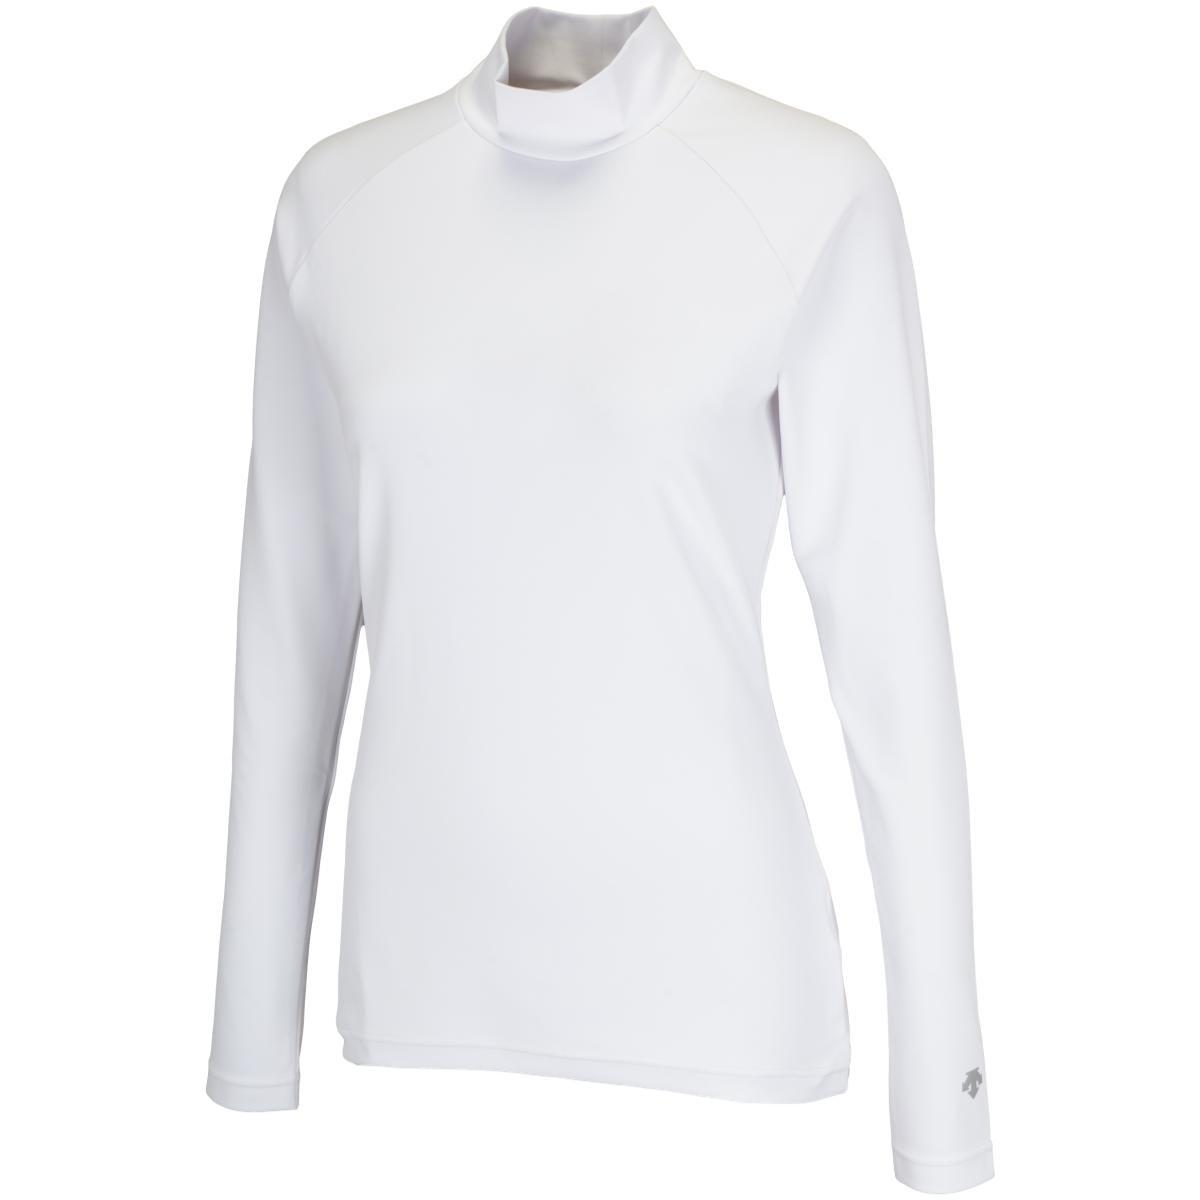 デサントゴルフ DESCENTE GOLF スペクターストレッチ長袖インナーシャツ S ホワイト 00 レディス